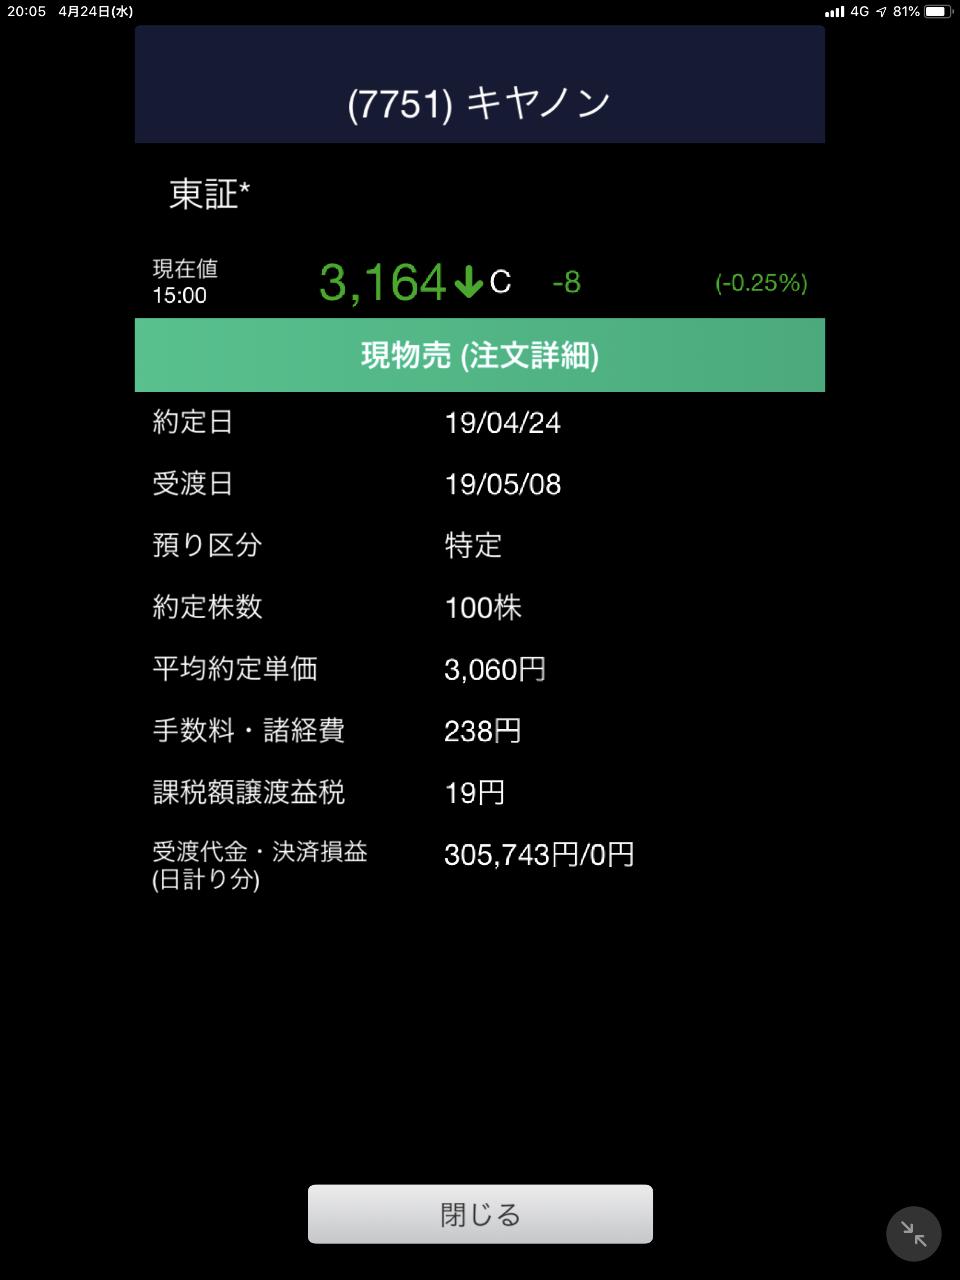 7751 - キヤノン(株) 証拠